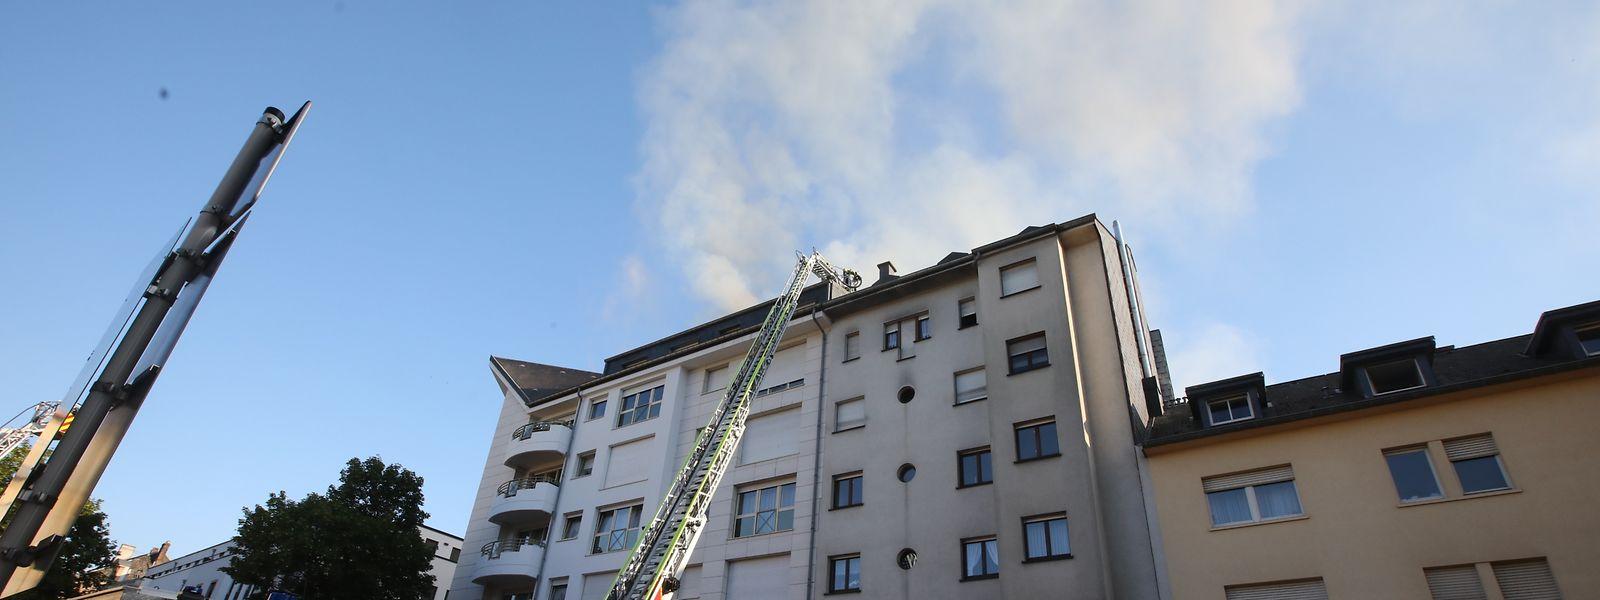 Der Brand war im Dachgeschoss eines Wohnhauses ausgebrochen.